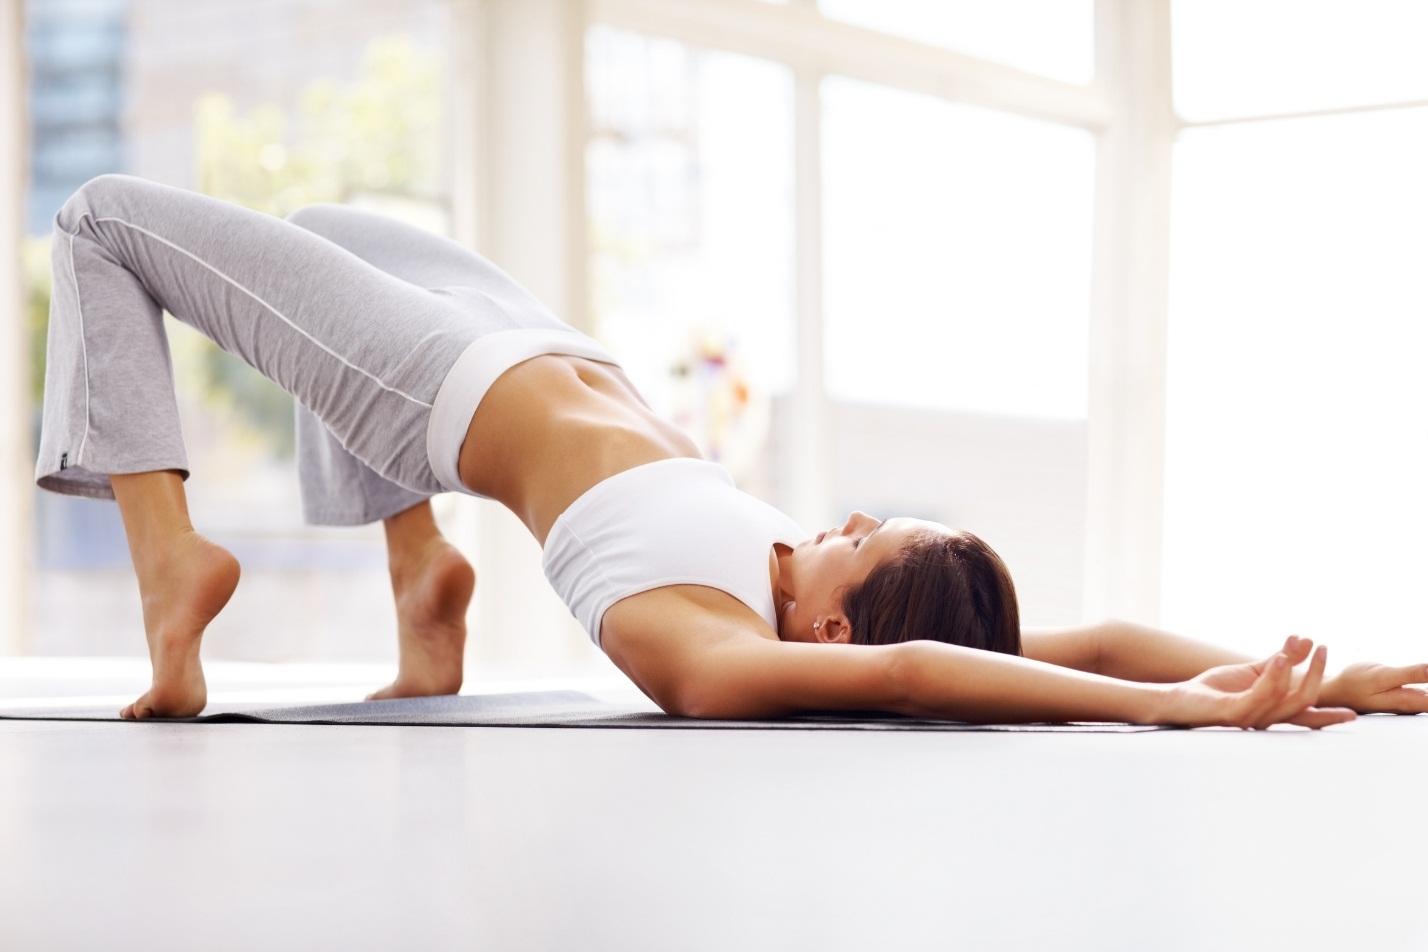 Тренировка интимных мышц - полезное и приятное в одном комплексе